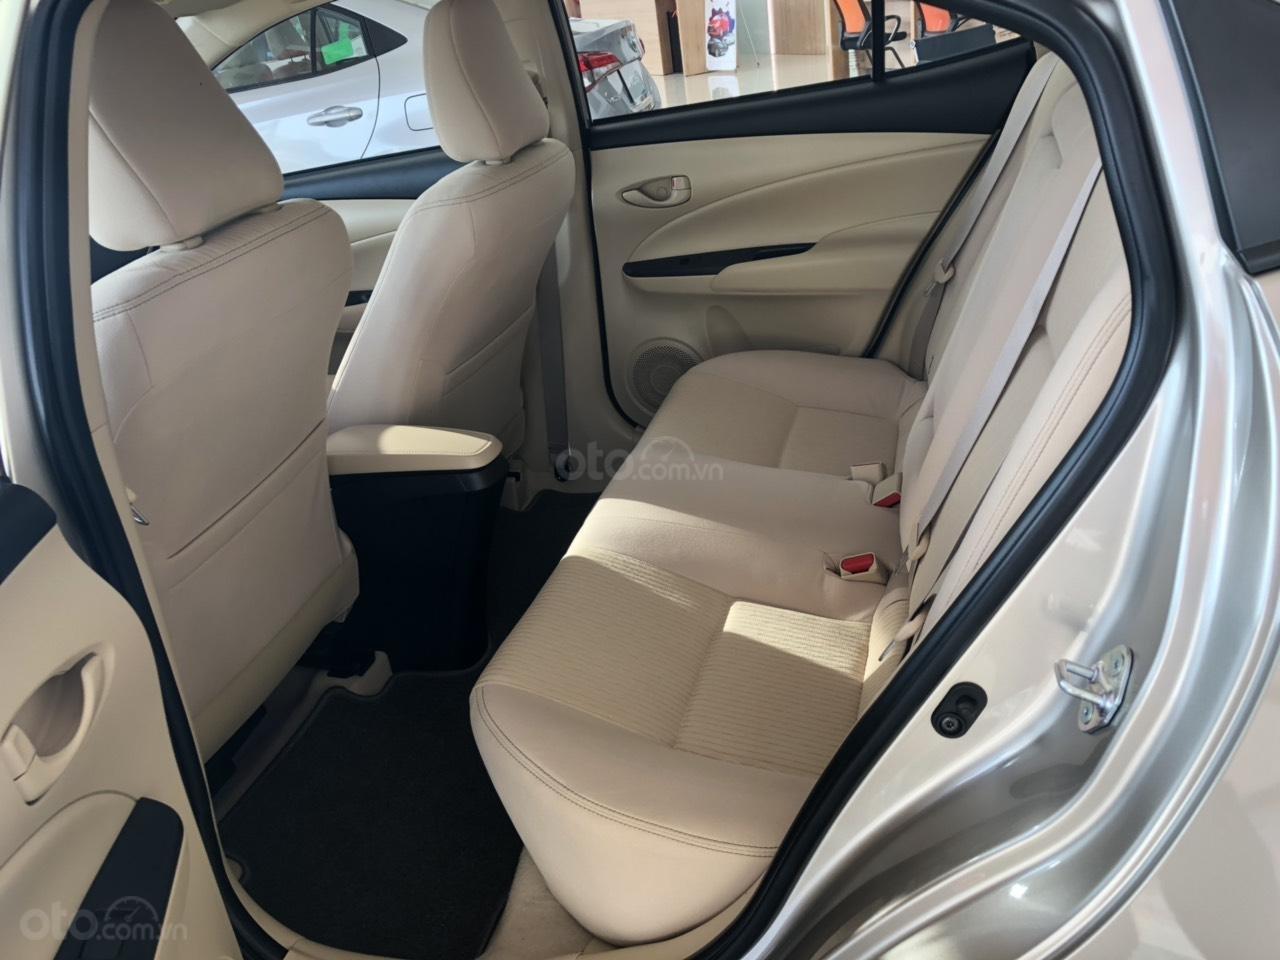 Toyota Vios 1.5E số sàn, màu nâu vàng, hỗ trợ vay 90%, đăng ký grab, thanh toán 130tr nhận xe - Toyota An Thành-2